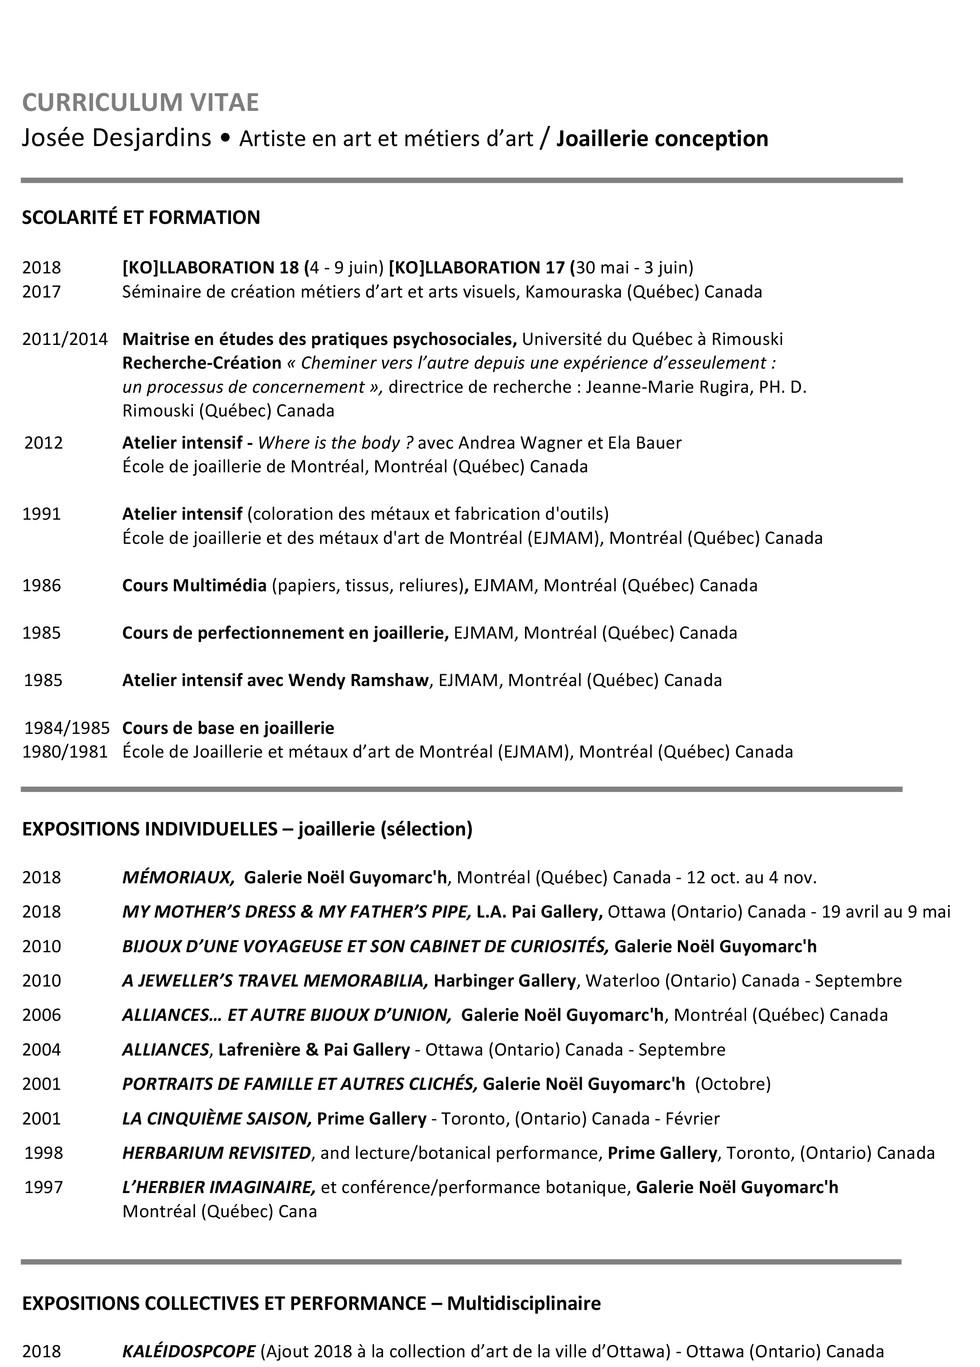 1-Curriculum_site-1.jpg